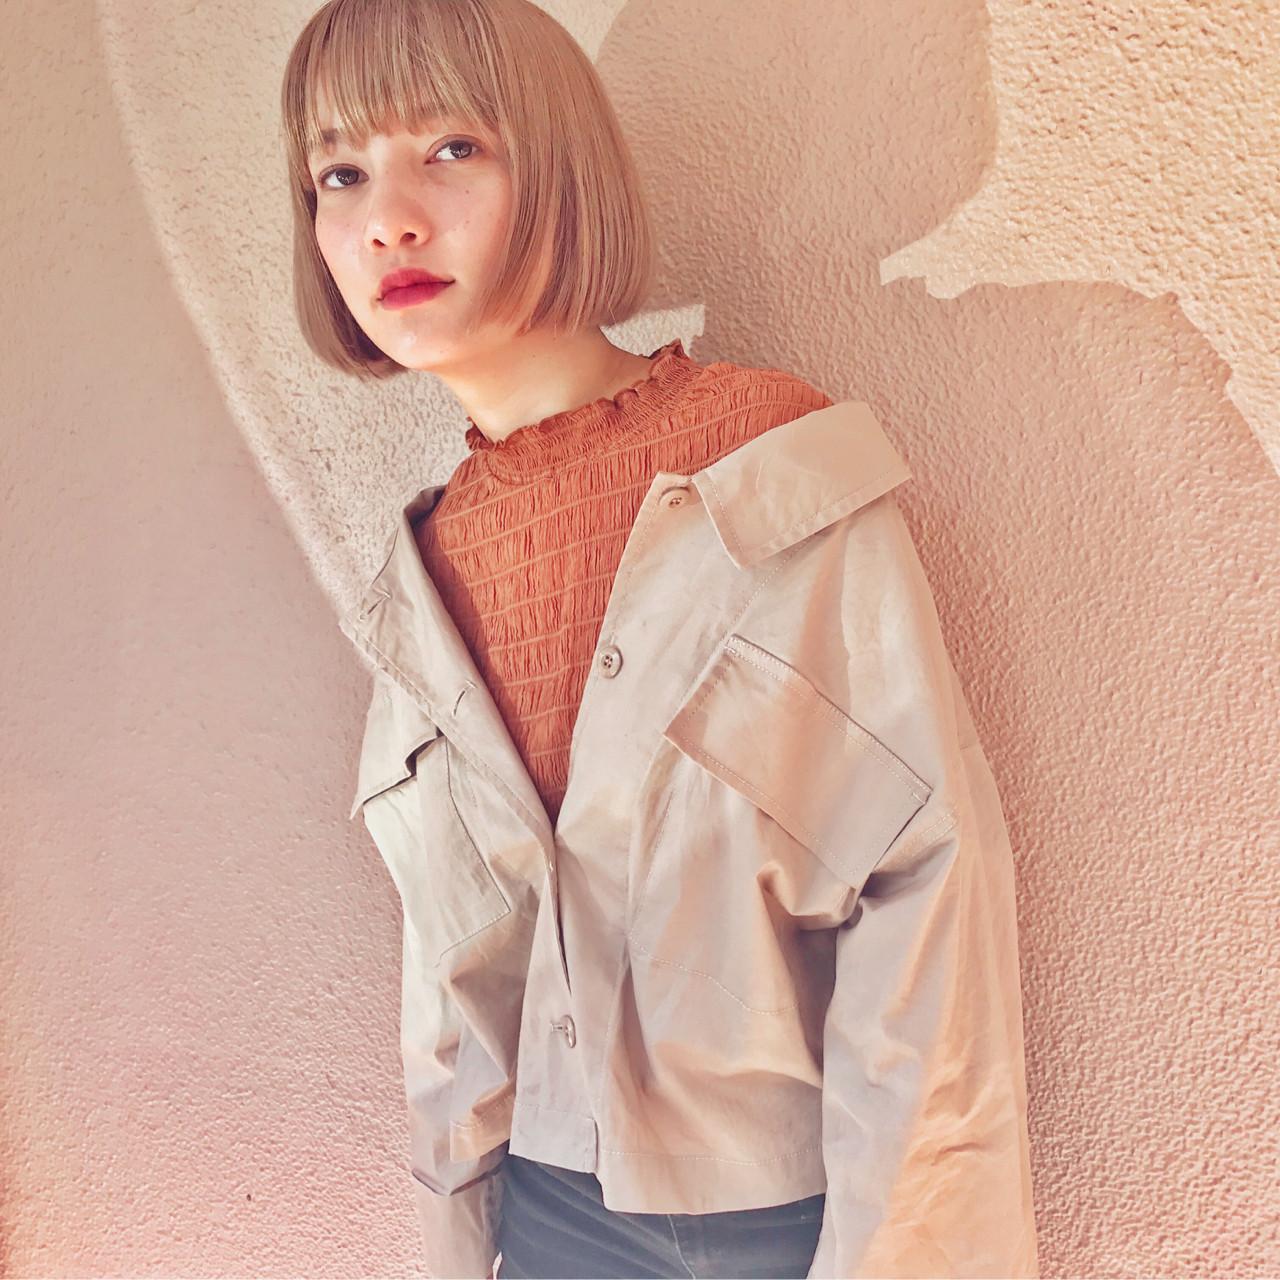 フェミニン ボブ アウトドア 女子力 ヘアスタイルや髪型の写真・画像   lora.garden 英太 /  lora.garden